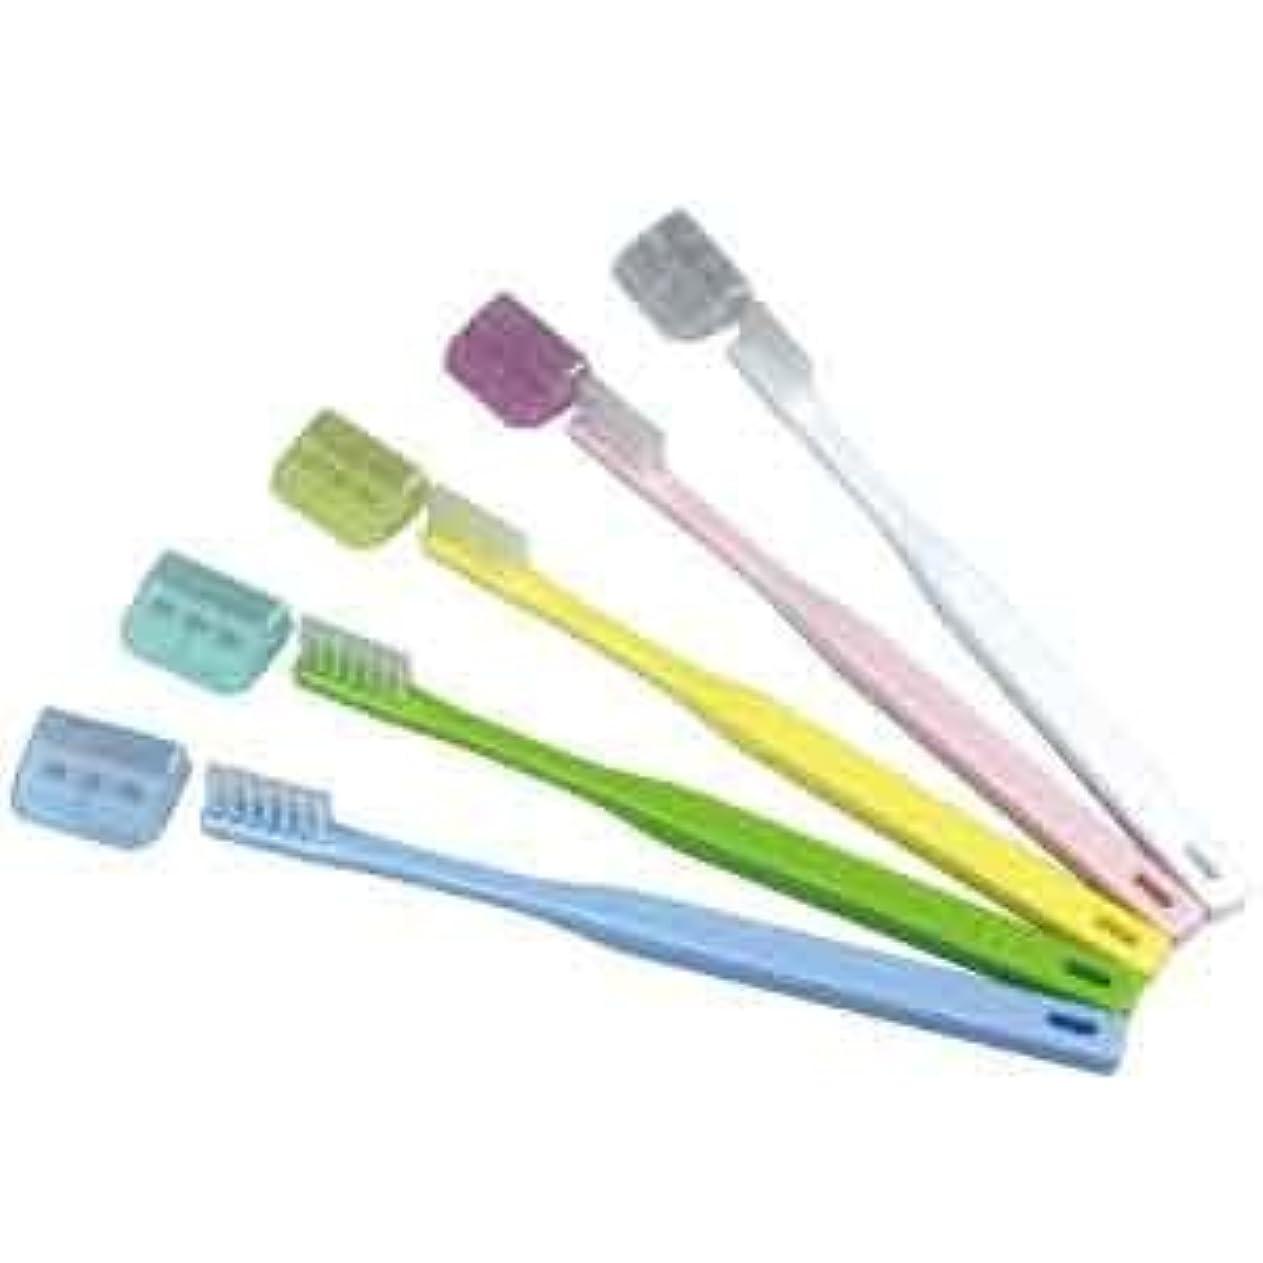 思われるベーリング海峡議論するV-7 歯ブラシ ふつう レギュラーヘッド/10本入り